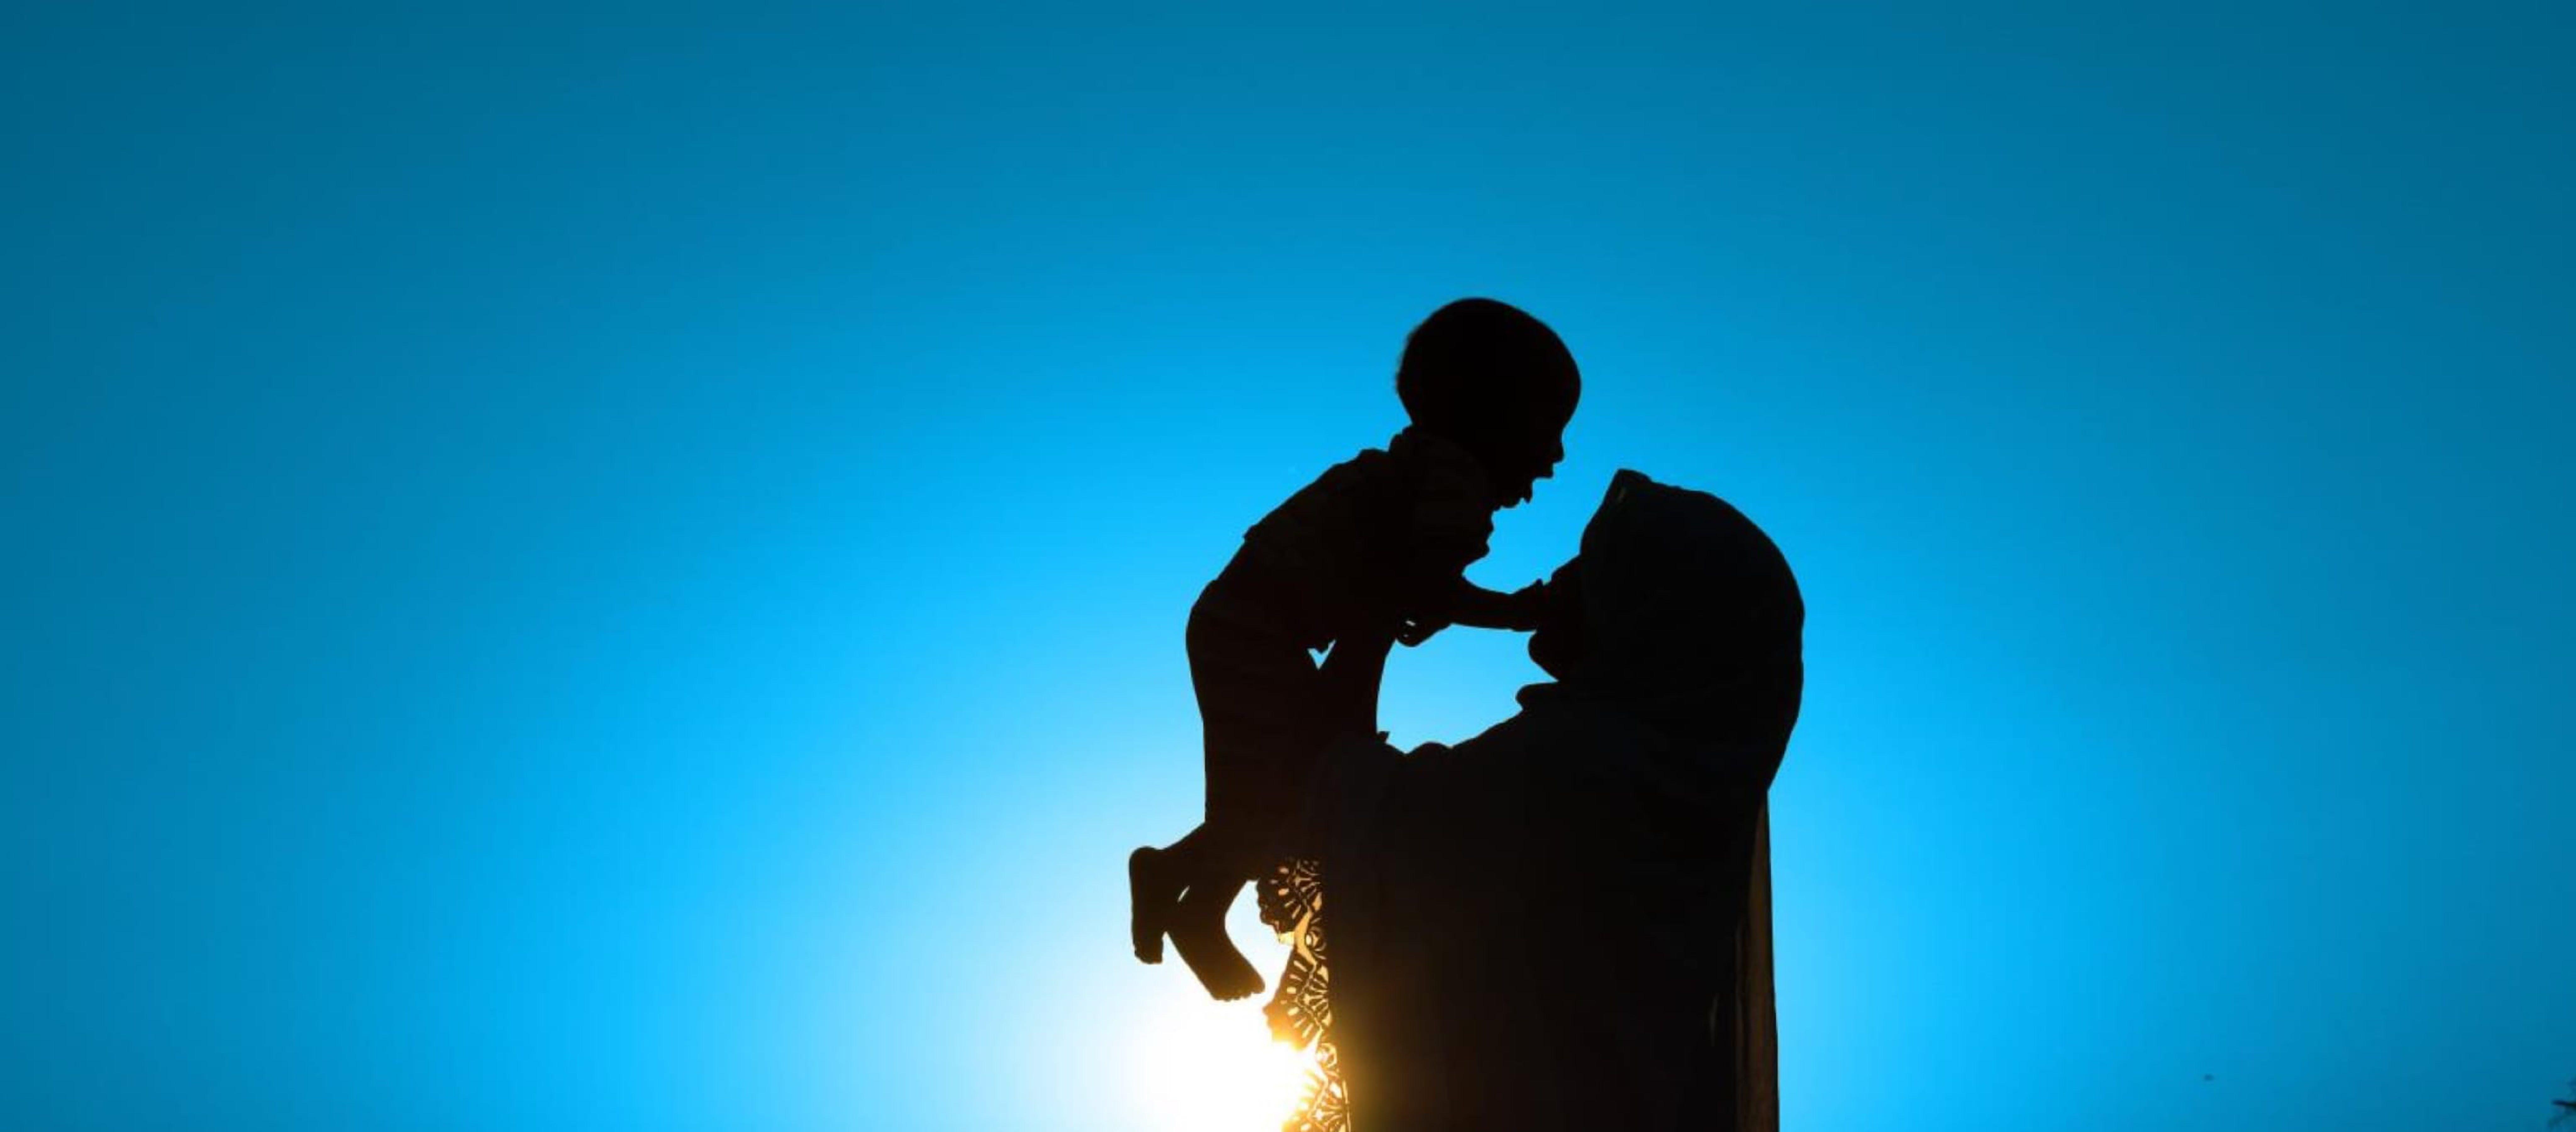 L'immagine di una donna e un bambino che ha ispirato il logo dell'UNICEF, Fondo delle Nazioni Unite per l'Infanzia